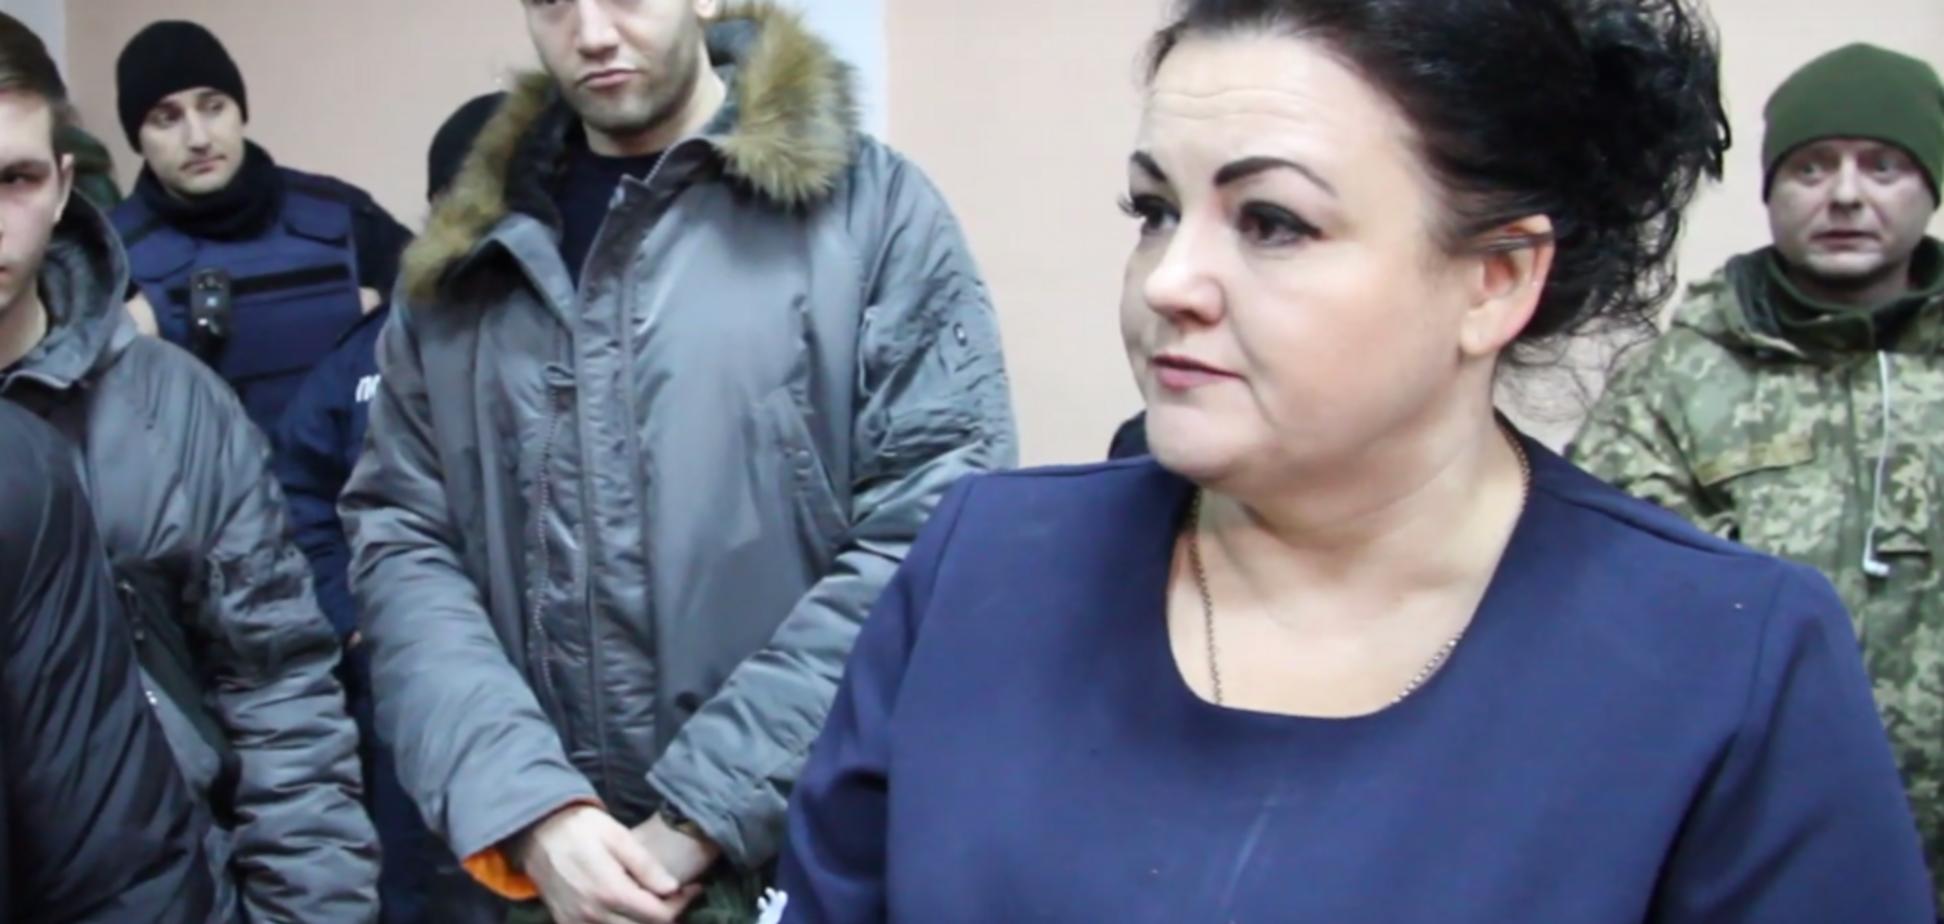 Масово звільнилися учителі: гучний скандал у Харкові отримав продовження